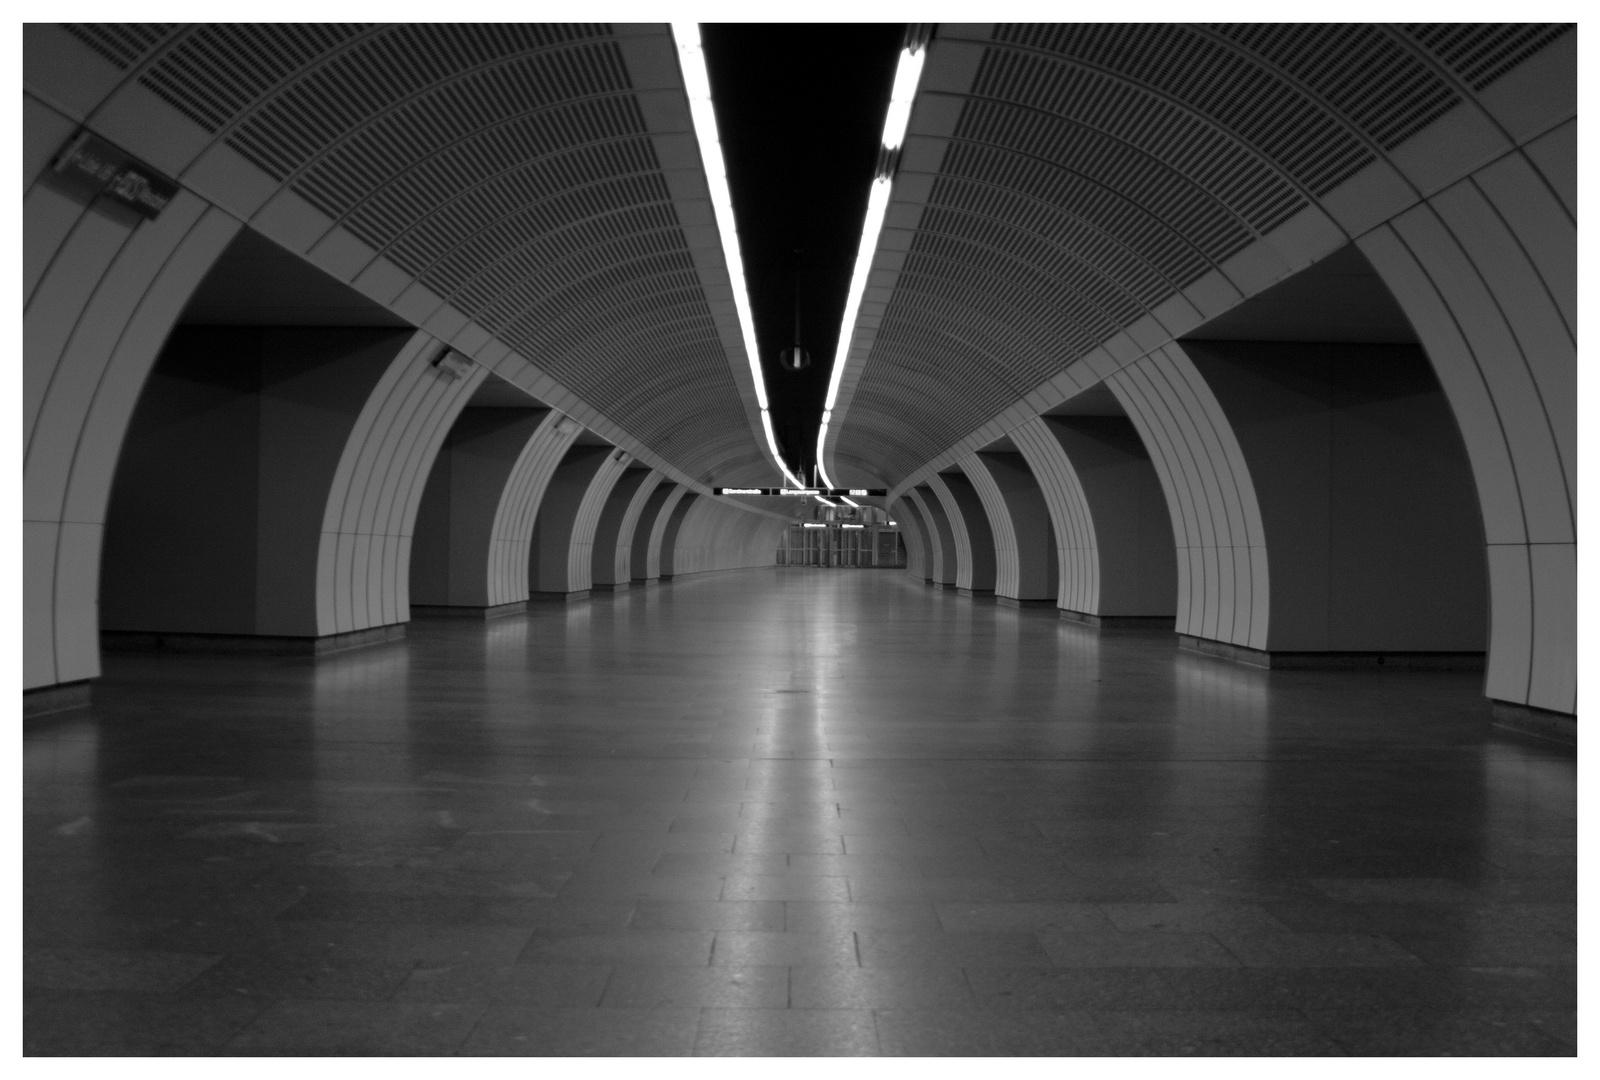 U Bahn Station Wien Westbahnhof Foto Bild Bus Nahverkehr U